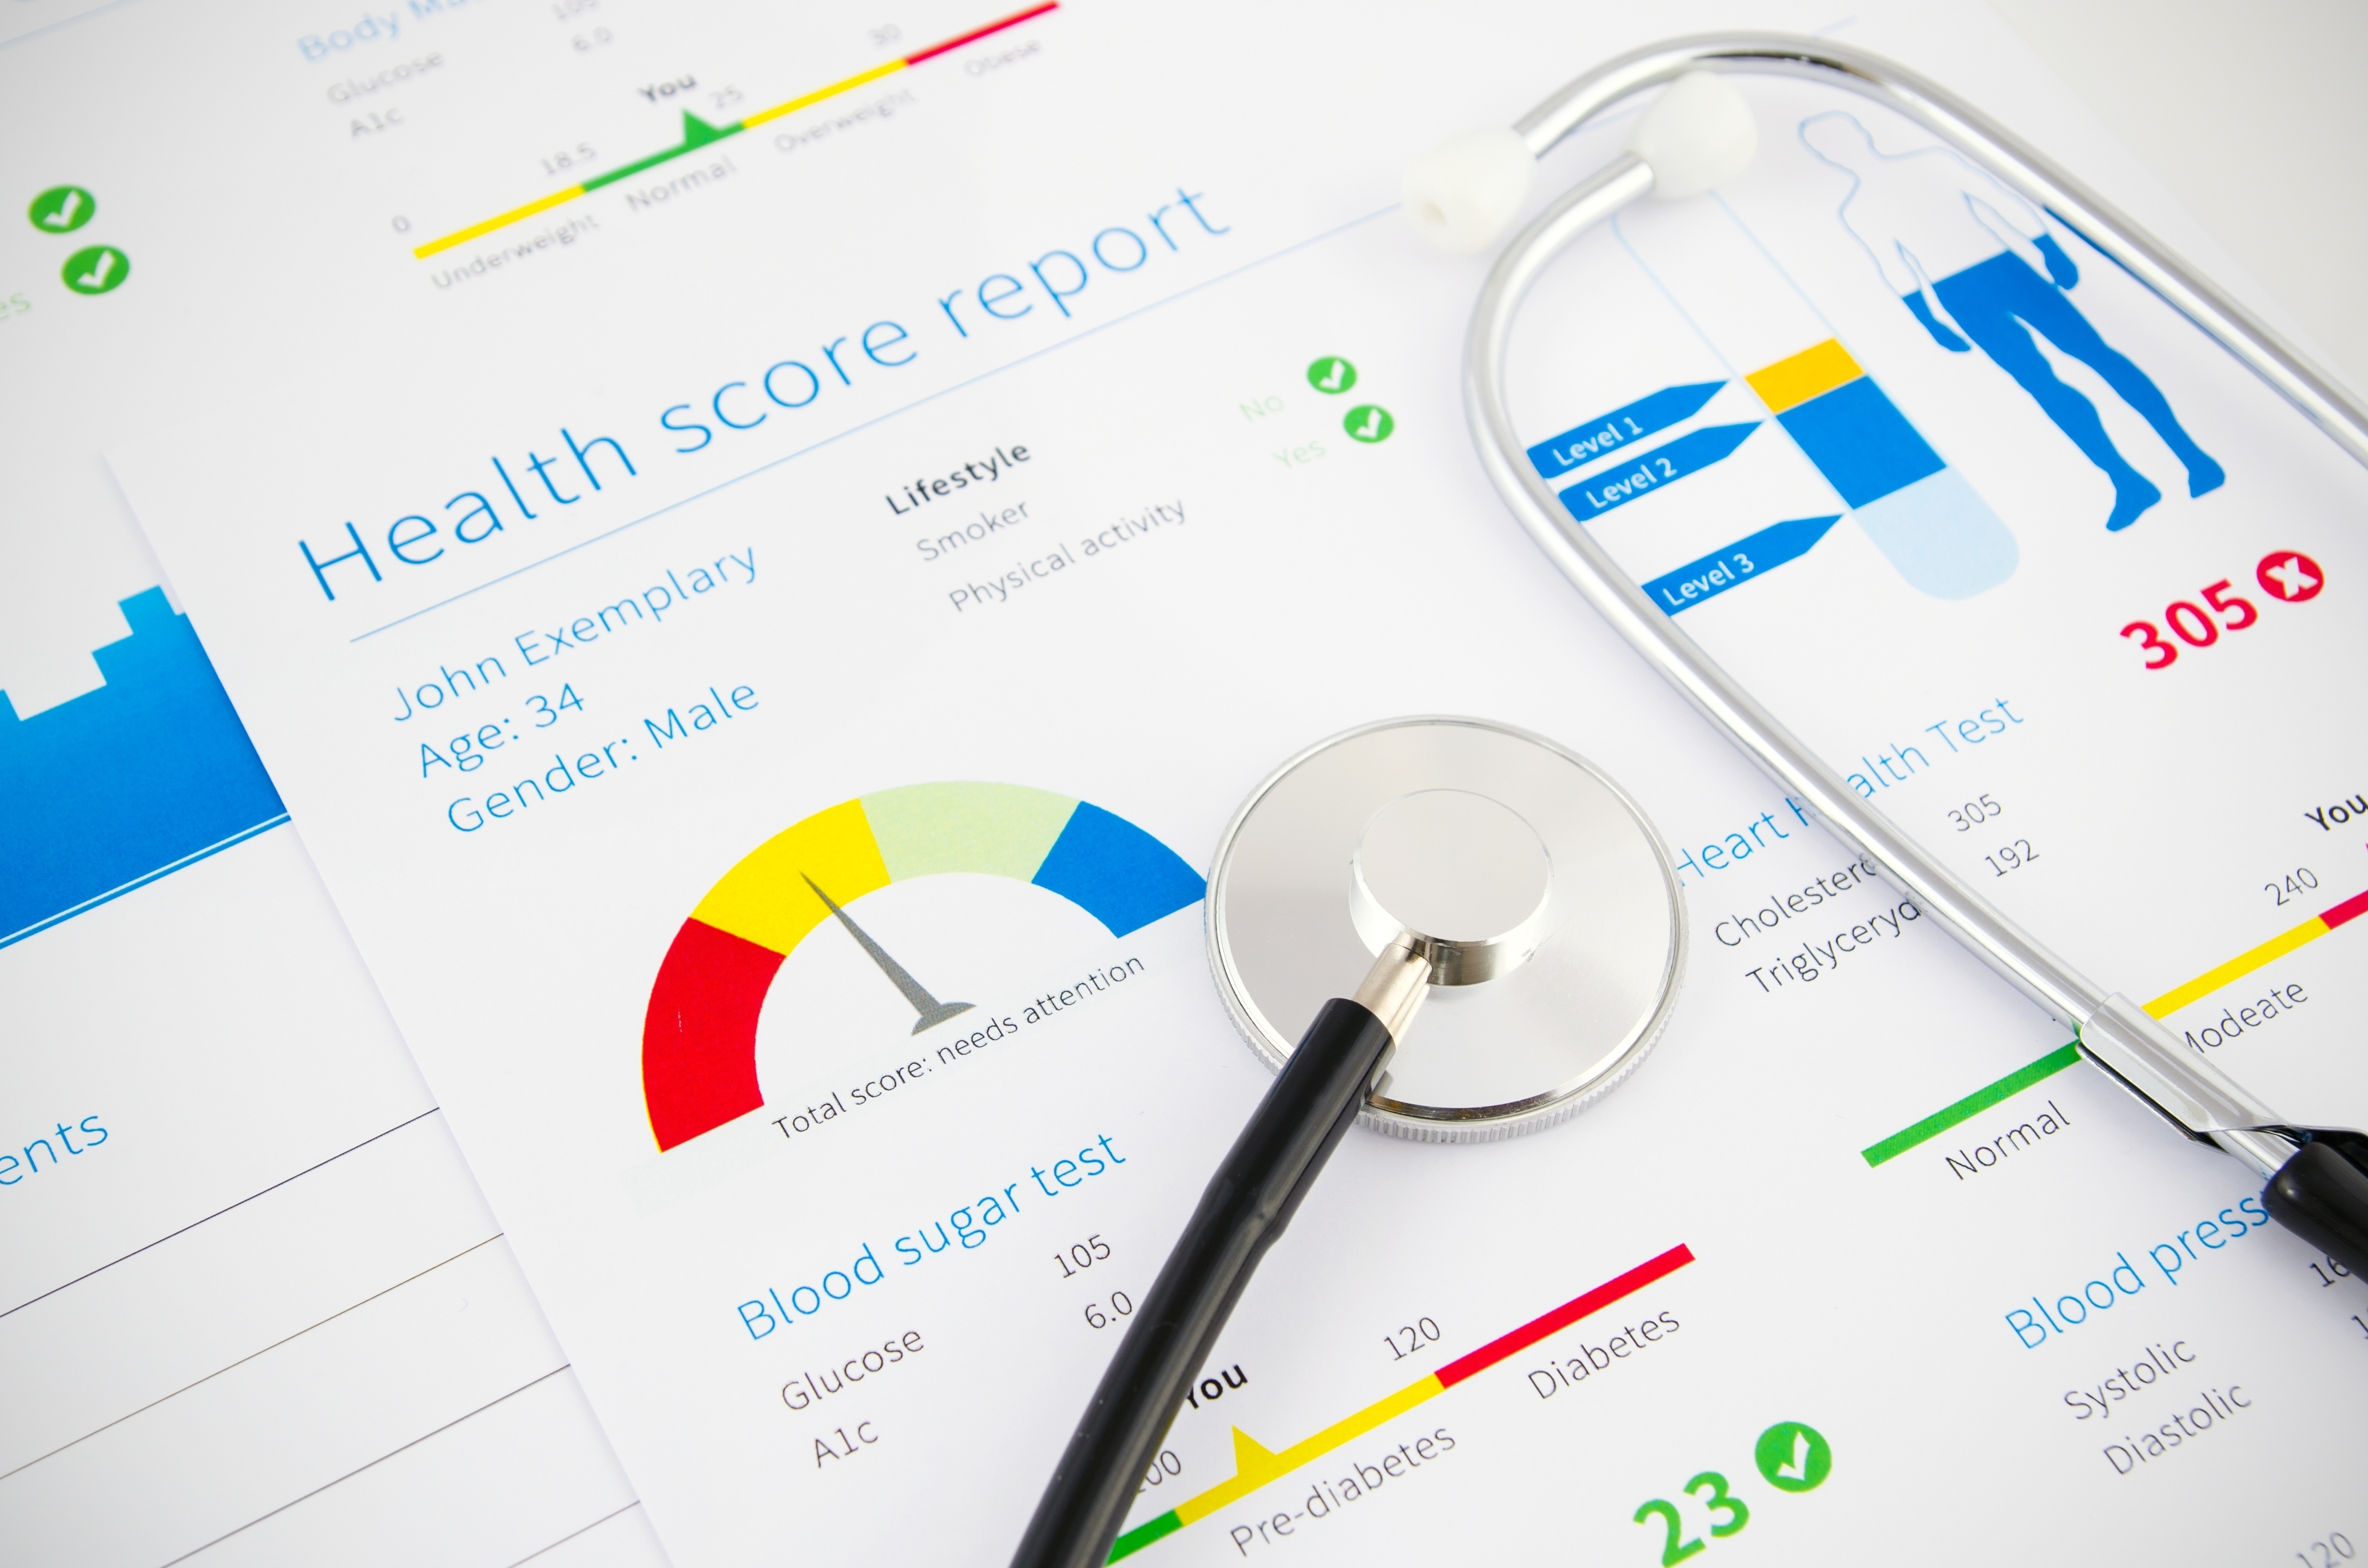 ヘルススコアとは?その重要性とメリット、主な指標をわかりやすく解説